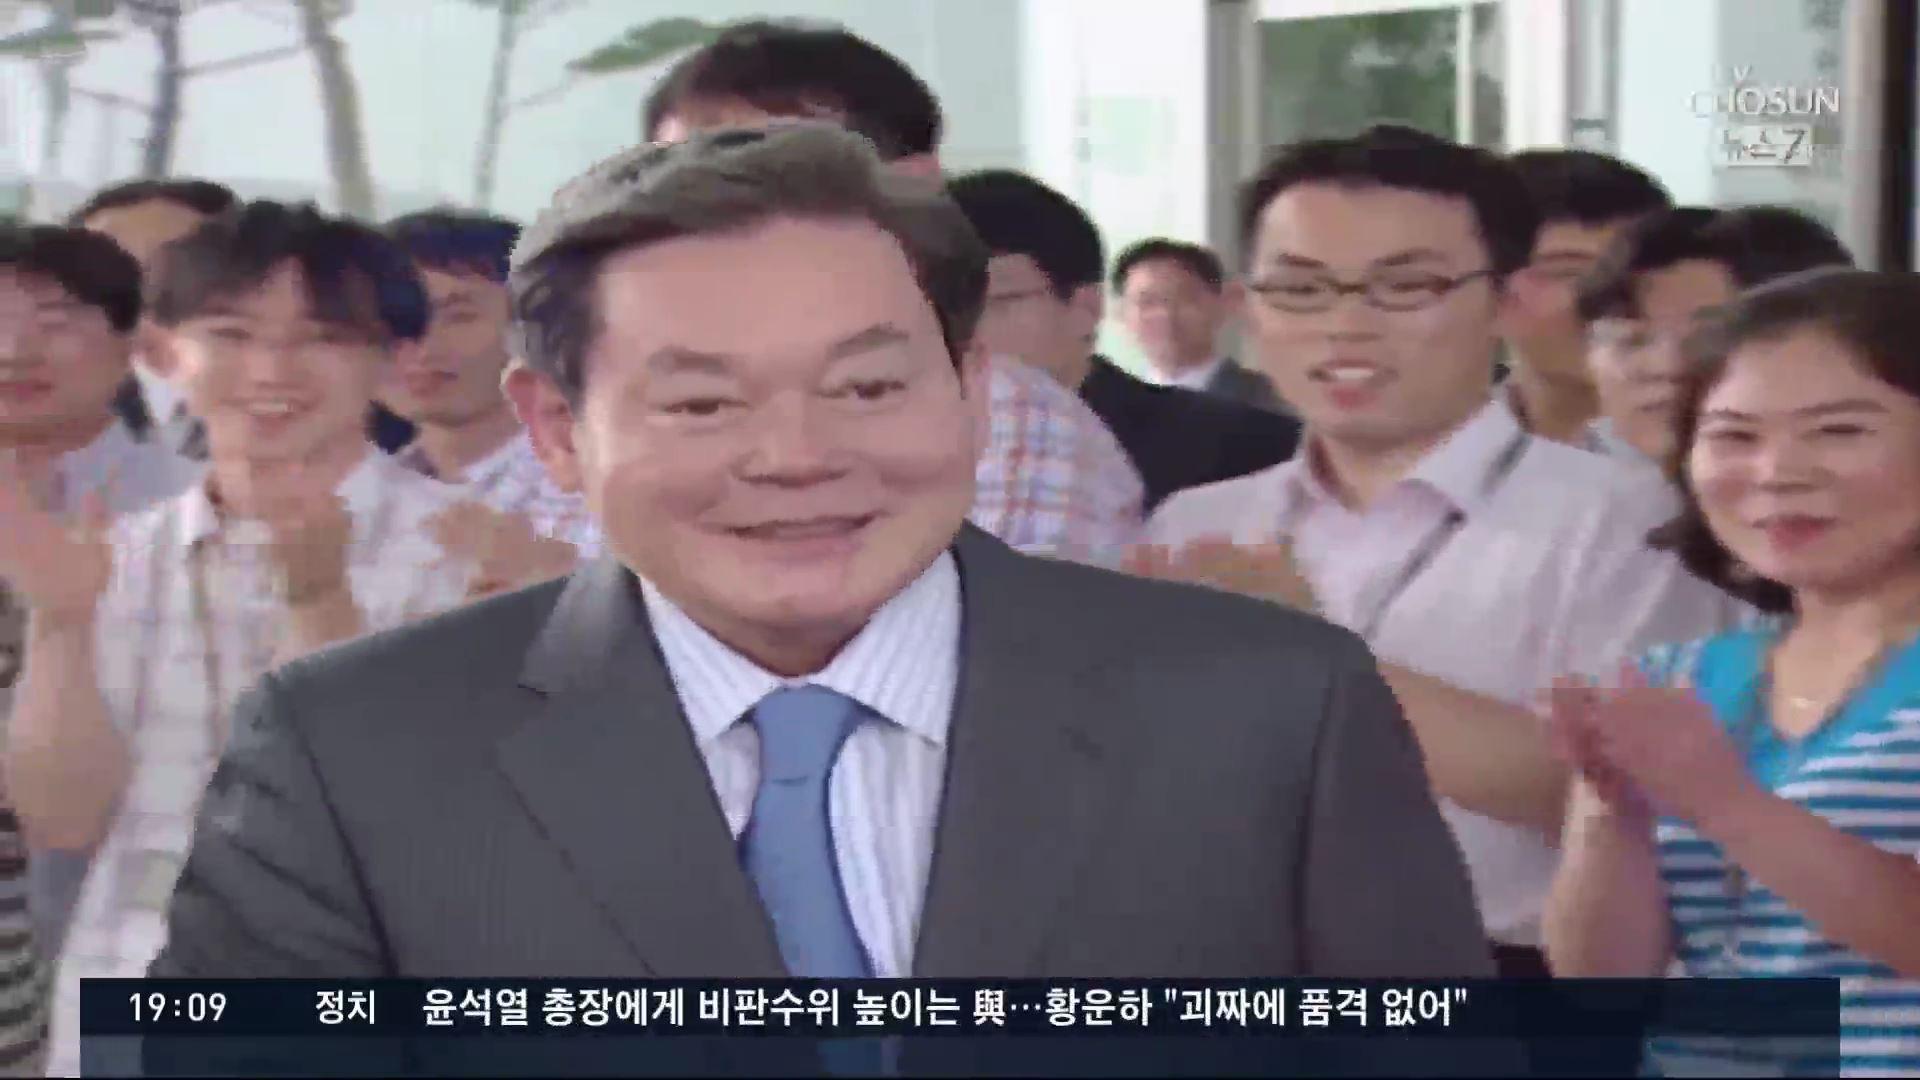 특검 수사에 자동차 사업 실패…이건희 회장..